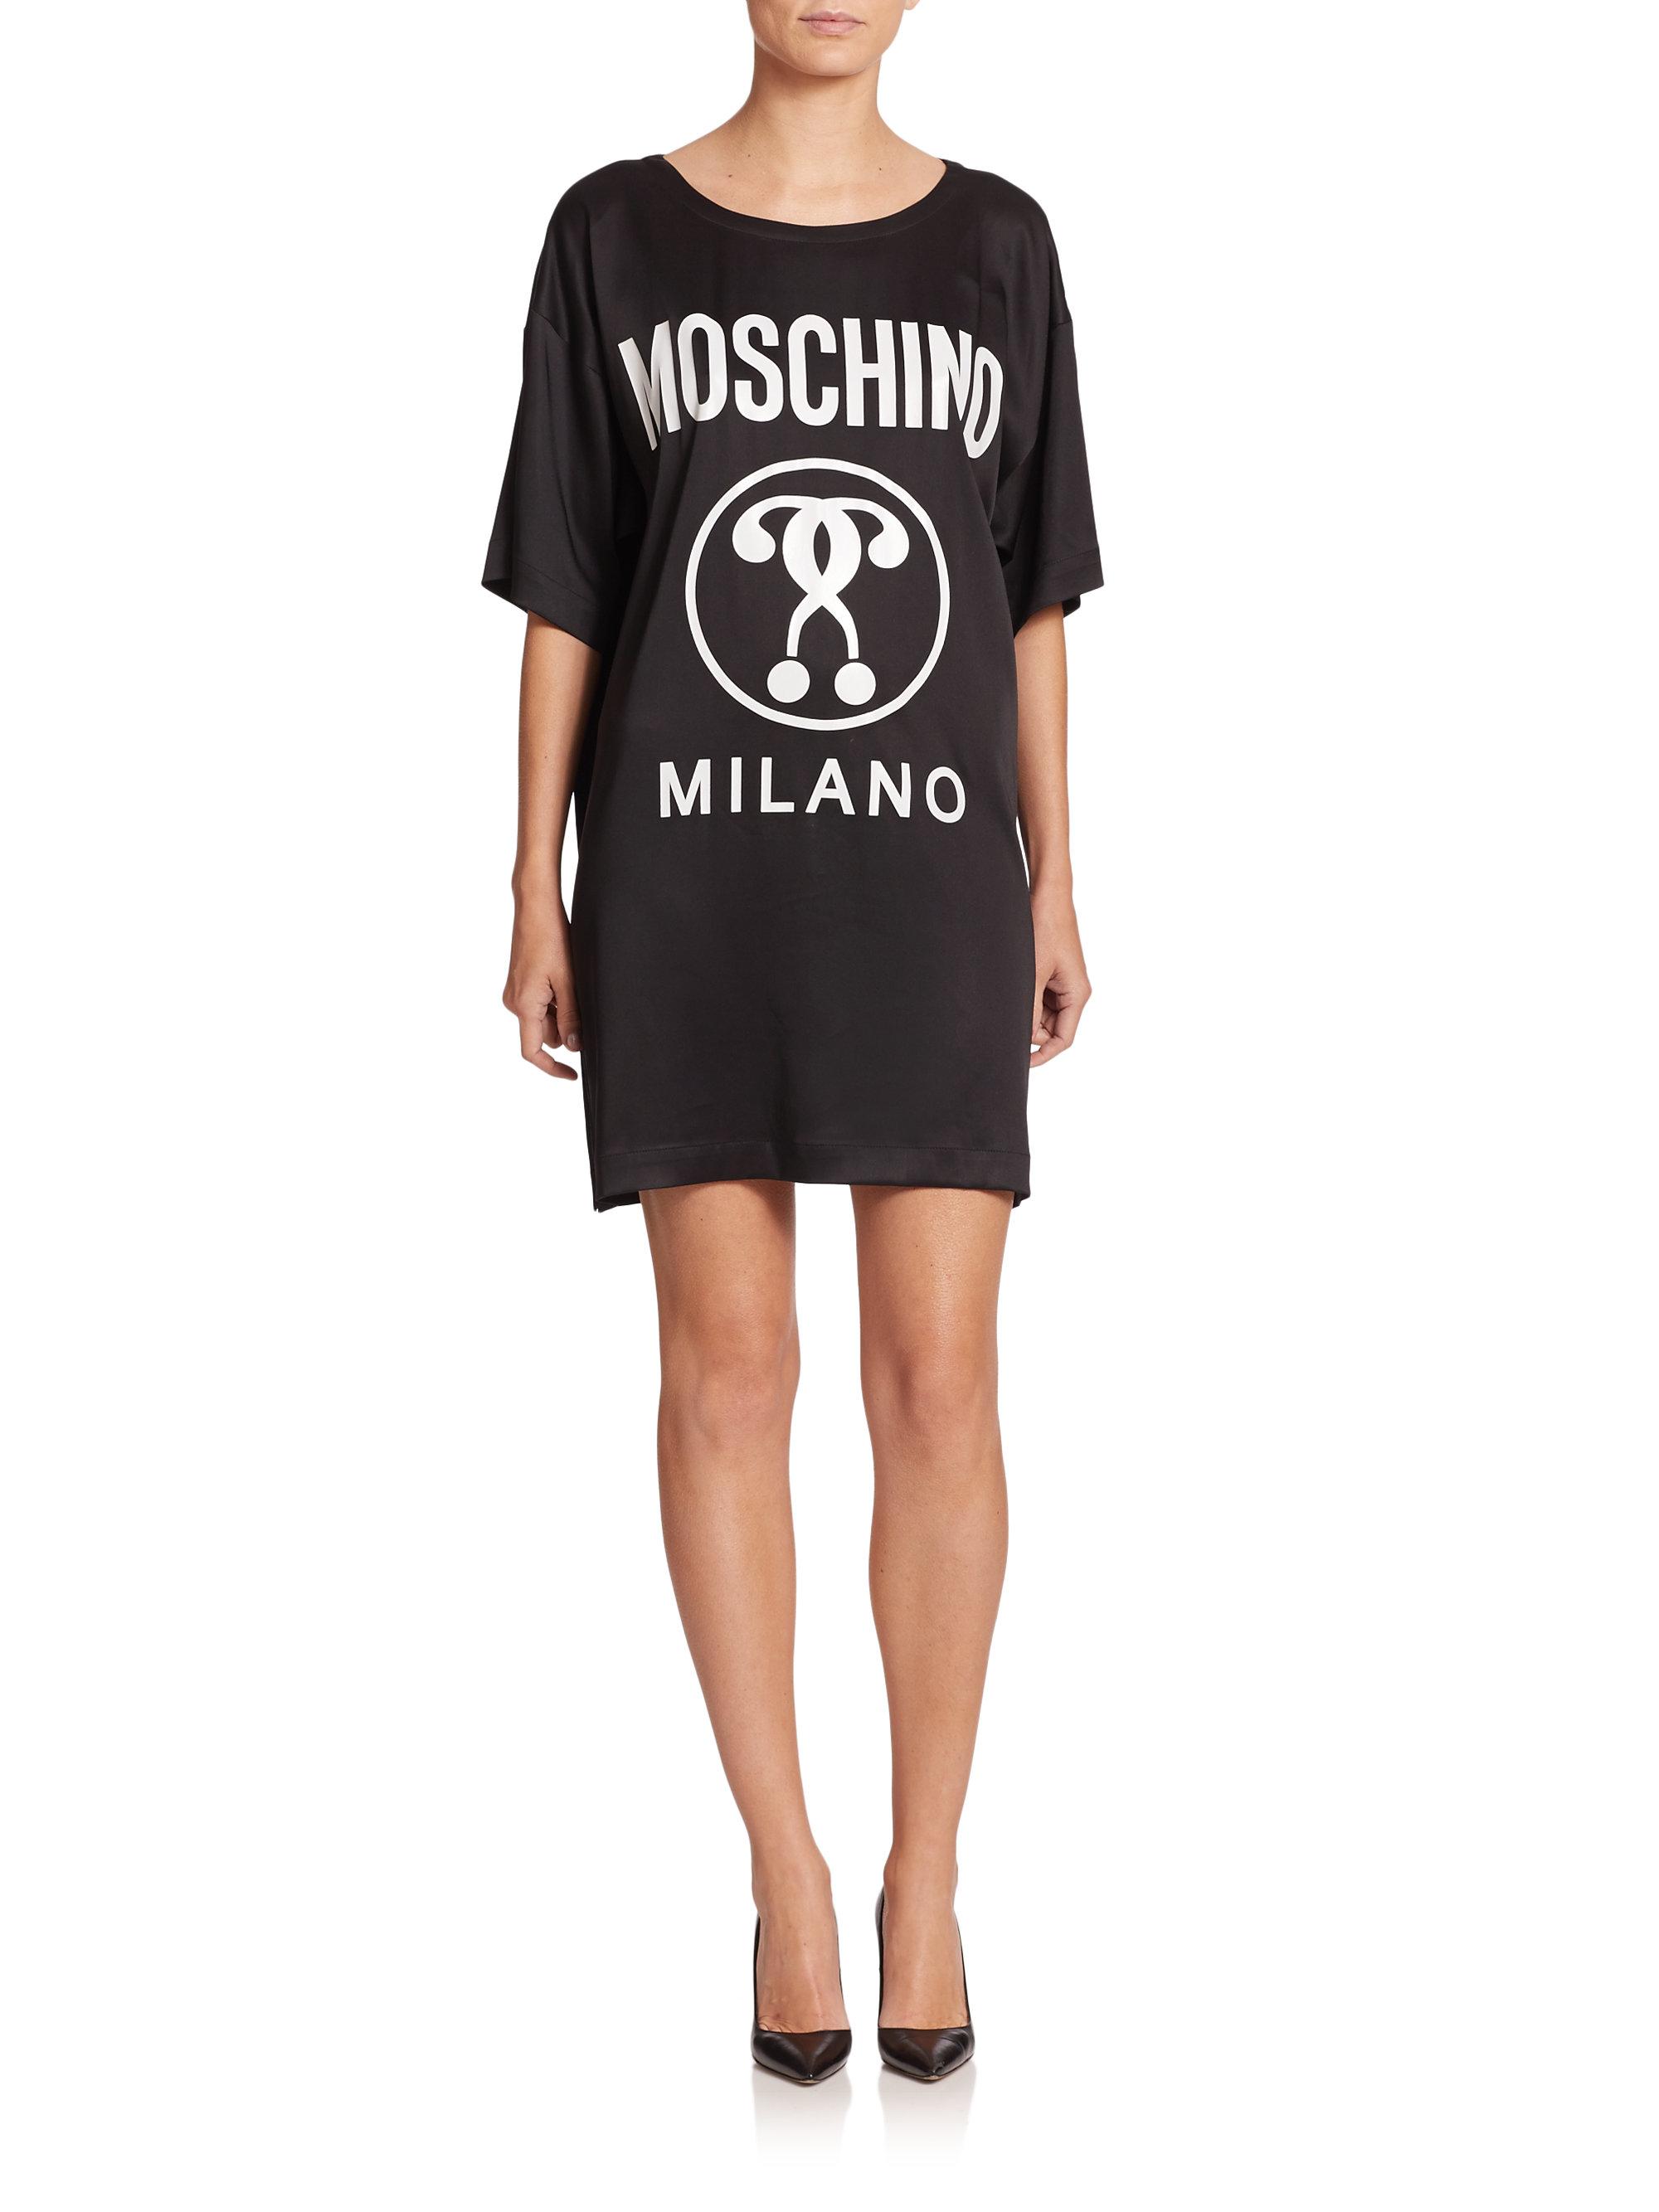 Women S Black V Neck T Shirt